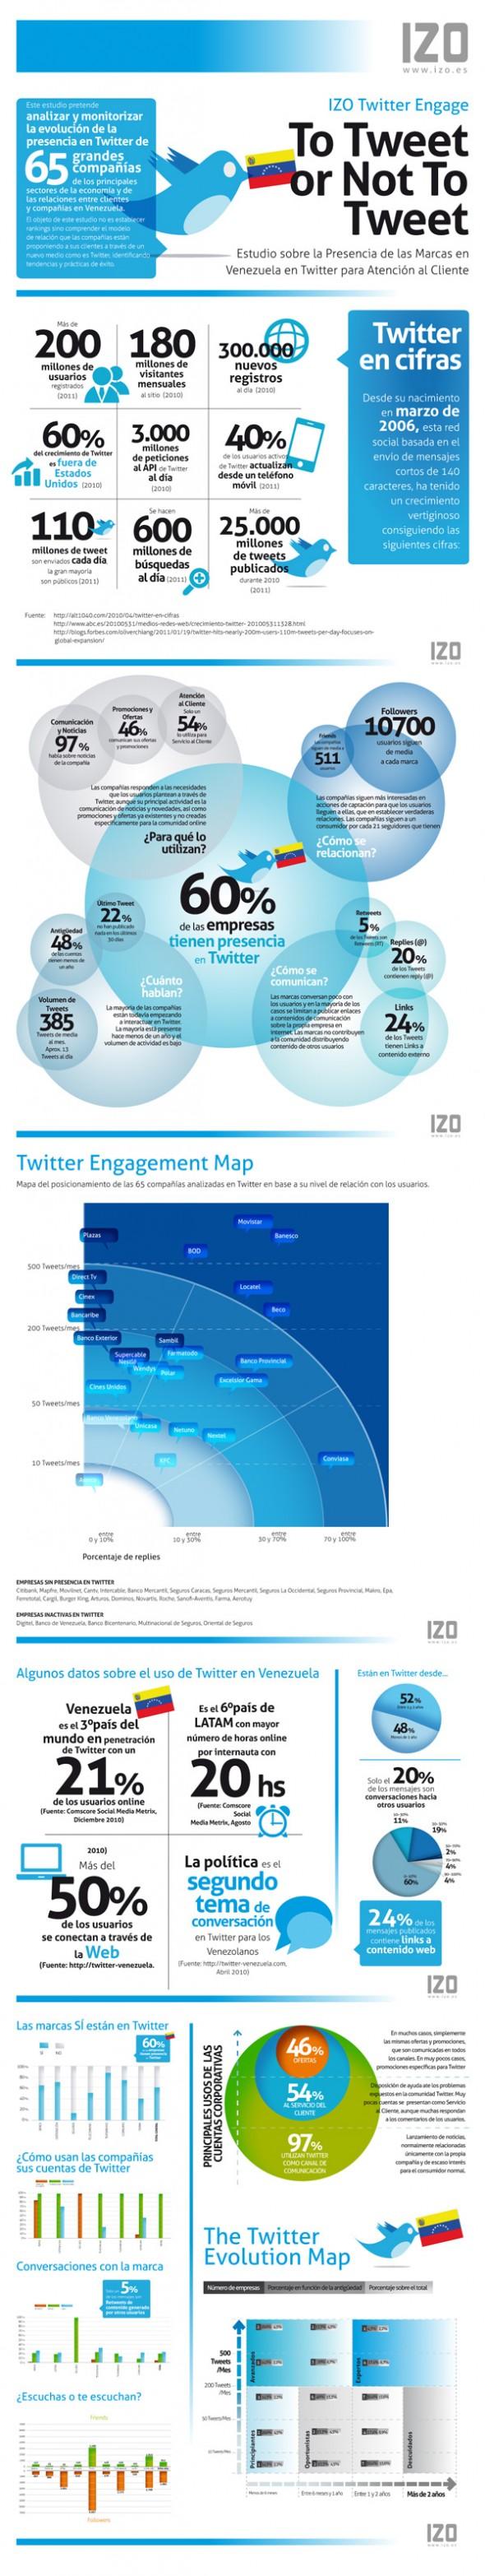 izo-twitter-engage-venezuela-2011